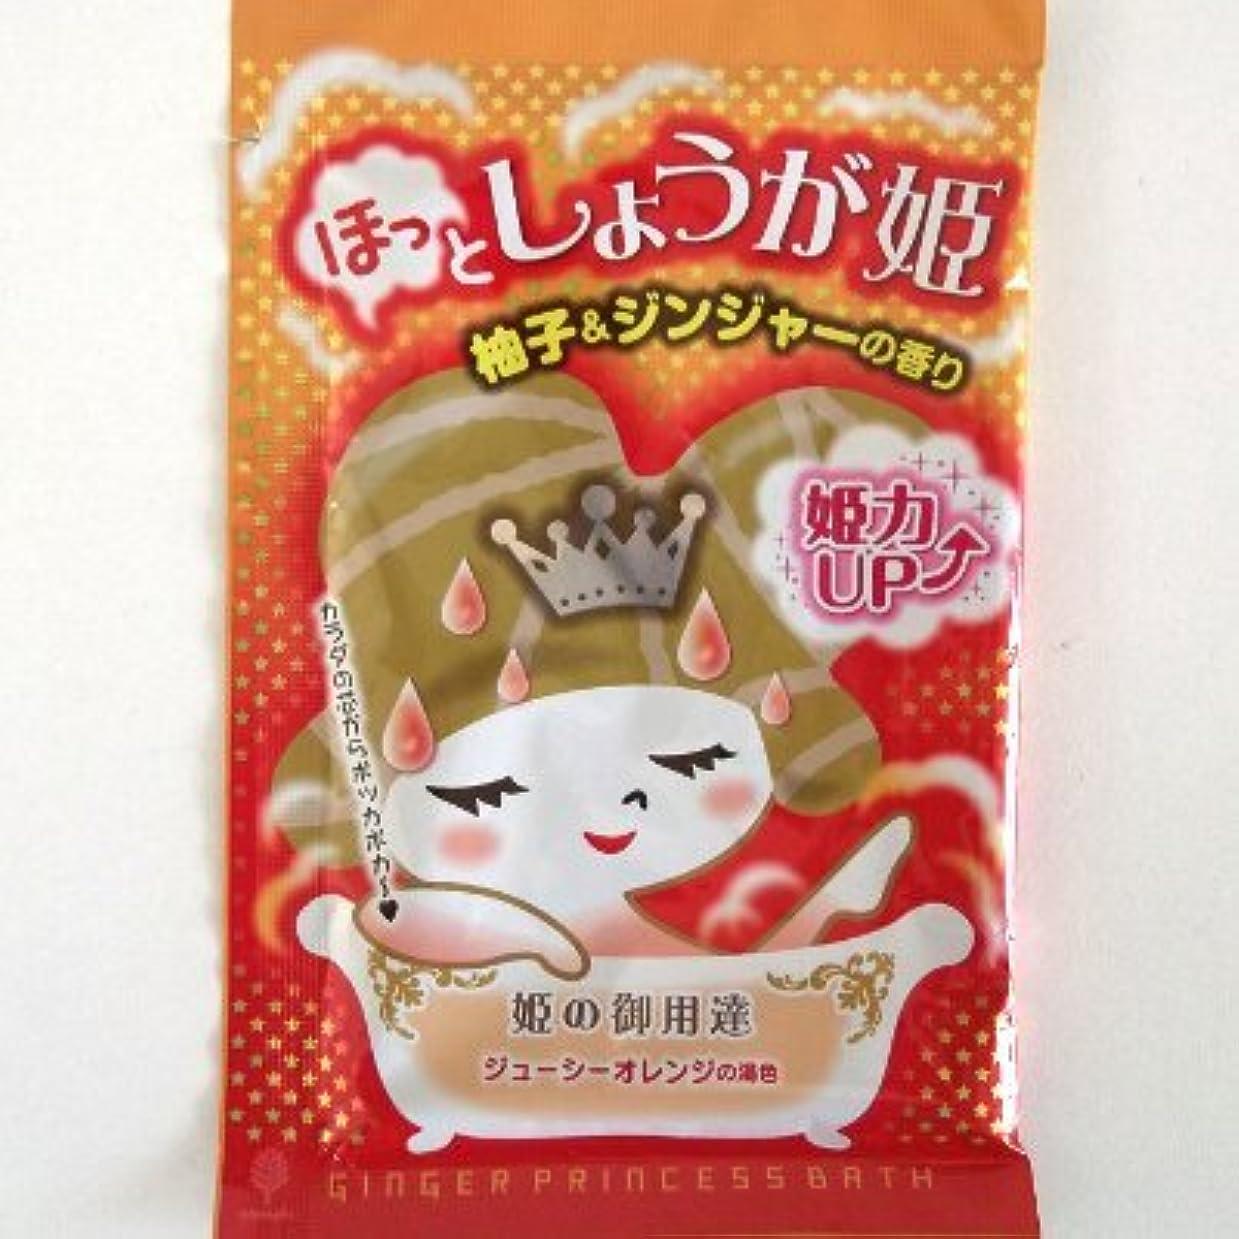 警告四分円要塞紀陽除虫菊 ほっとしょうが姫 柚子&ジンジャーの香り【まとめ買い12個セット】 N-8400